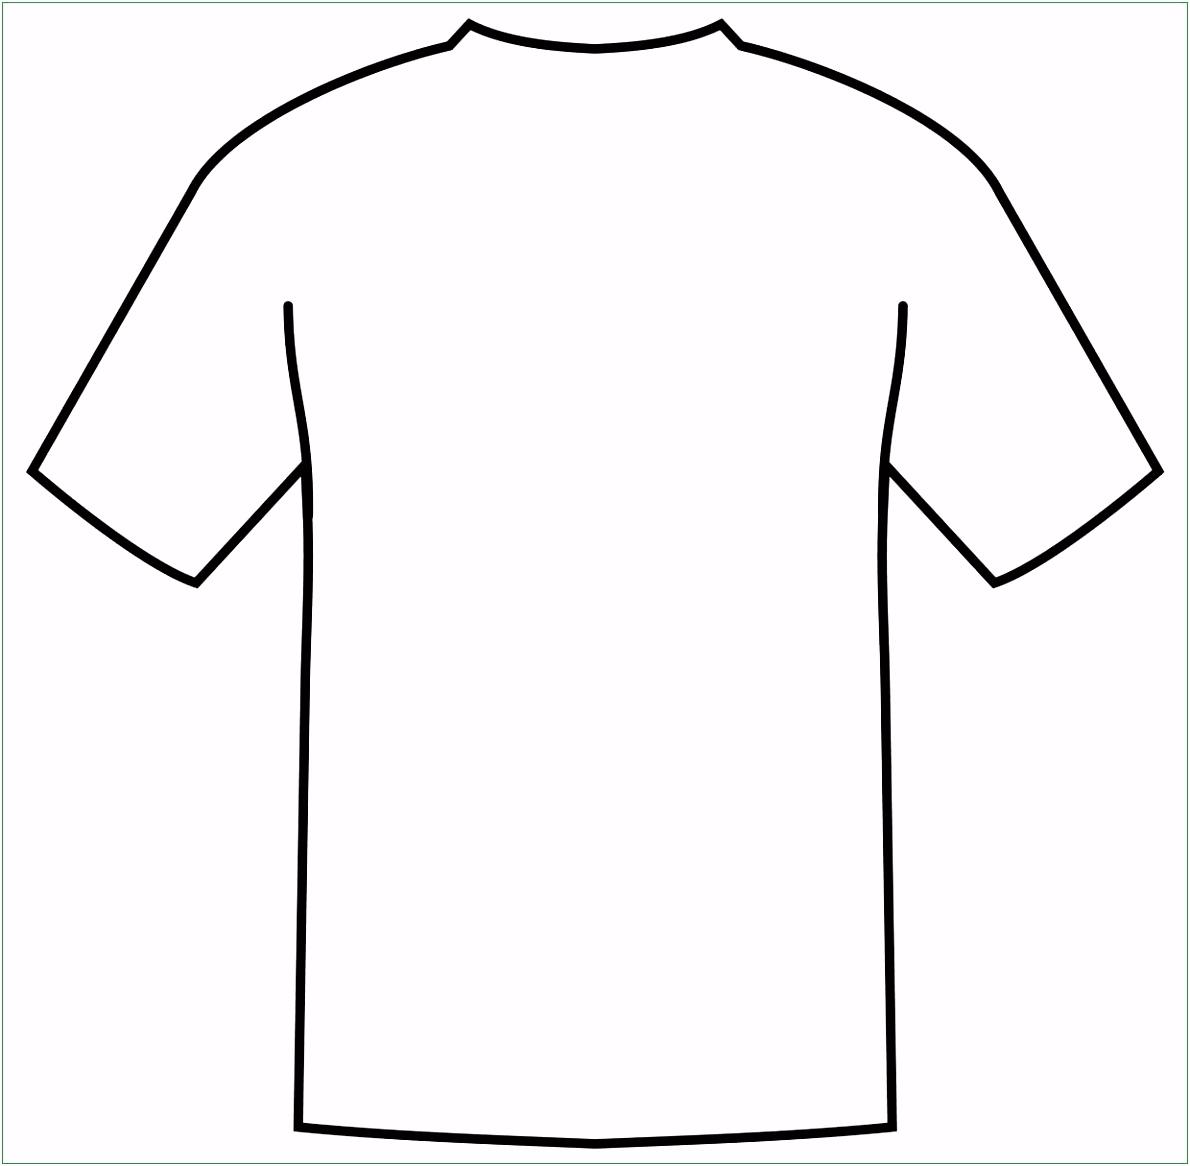 Bemerkenswert Tshirt Vorlage Im Jahr 2019